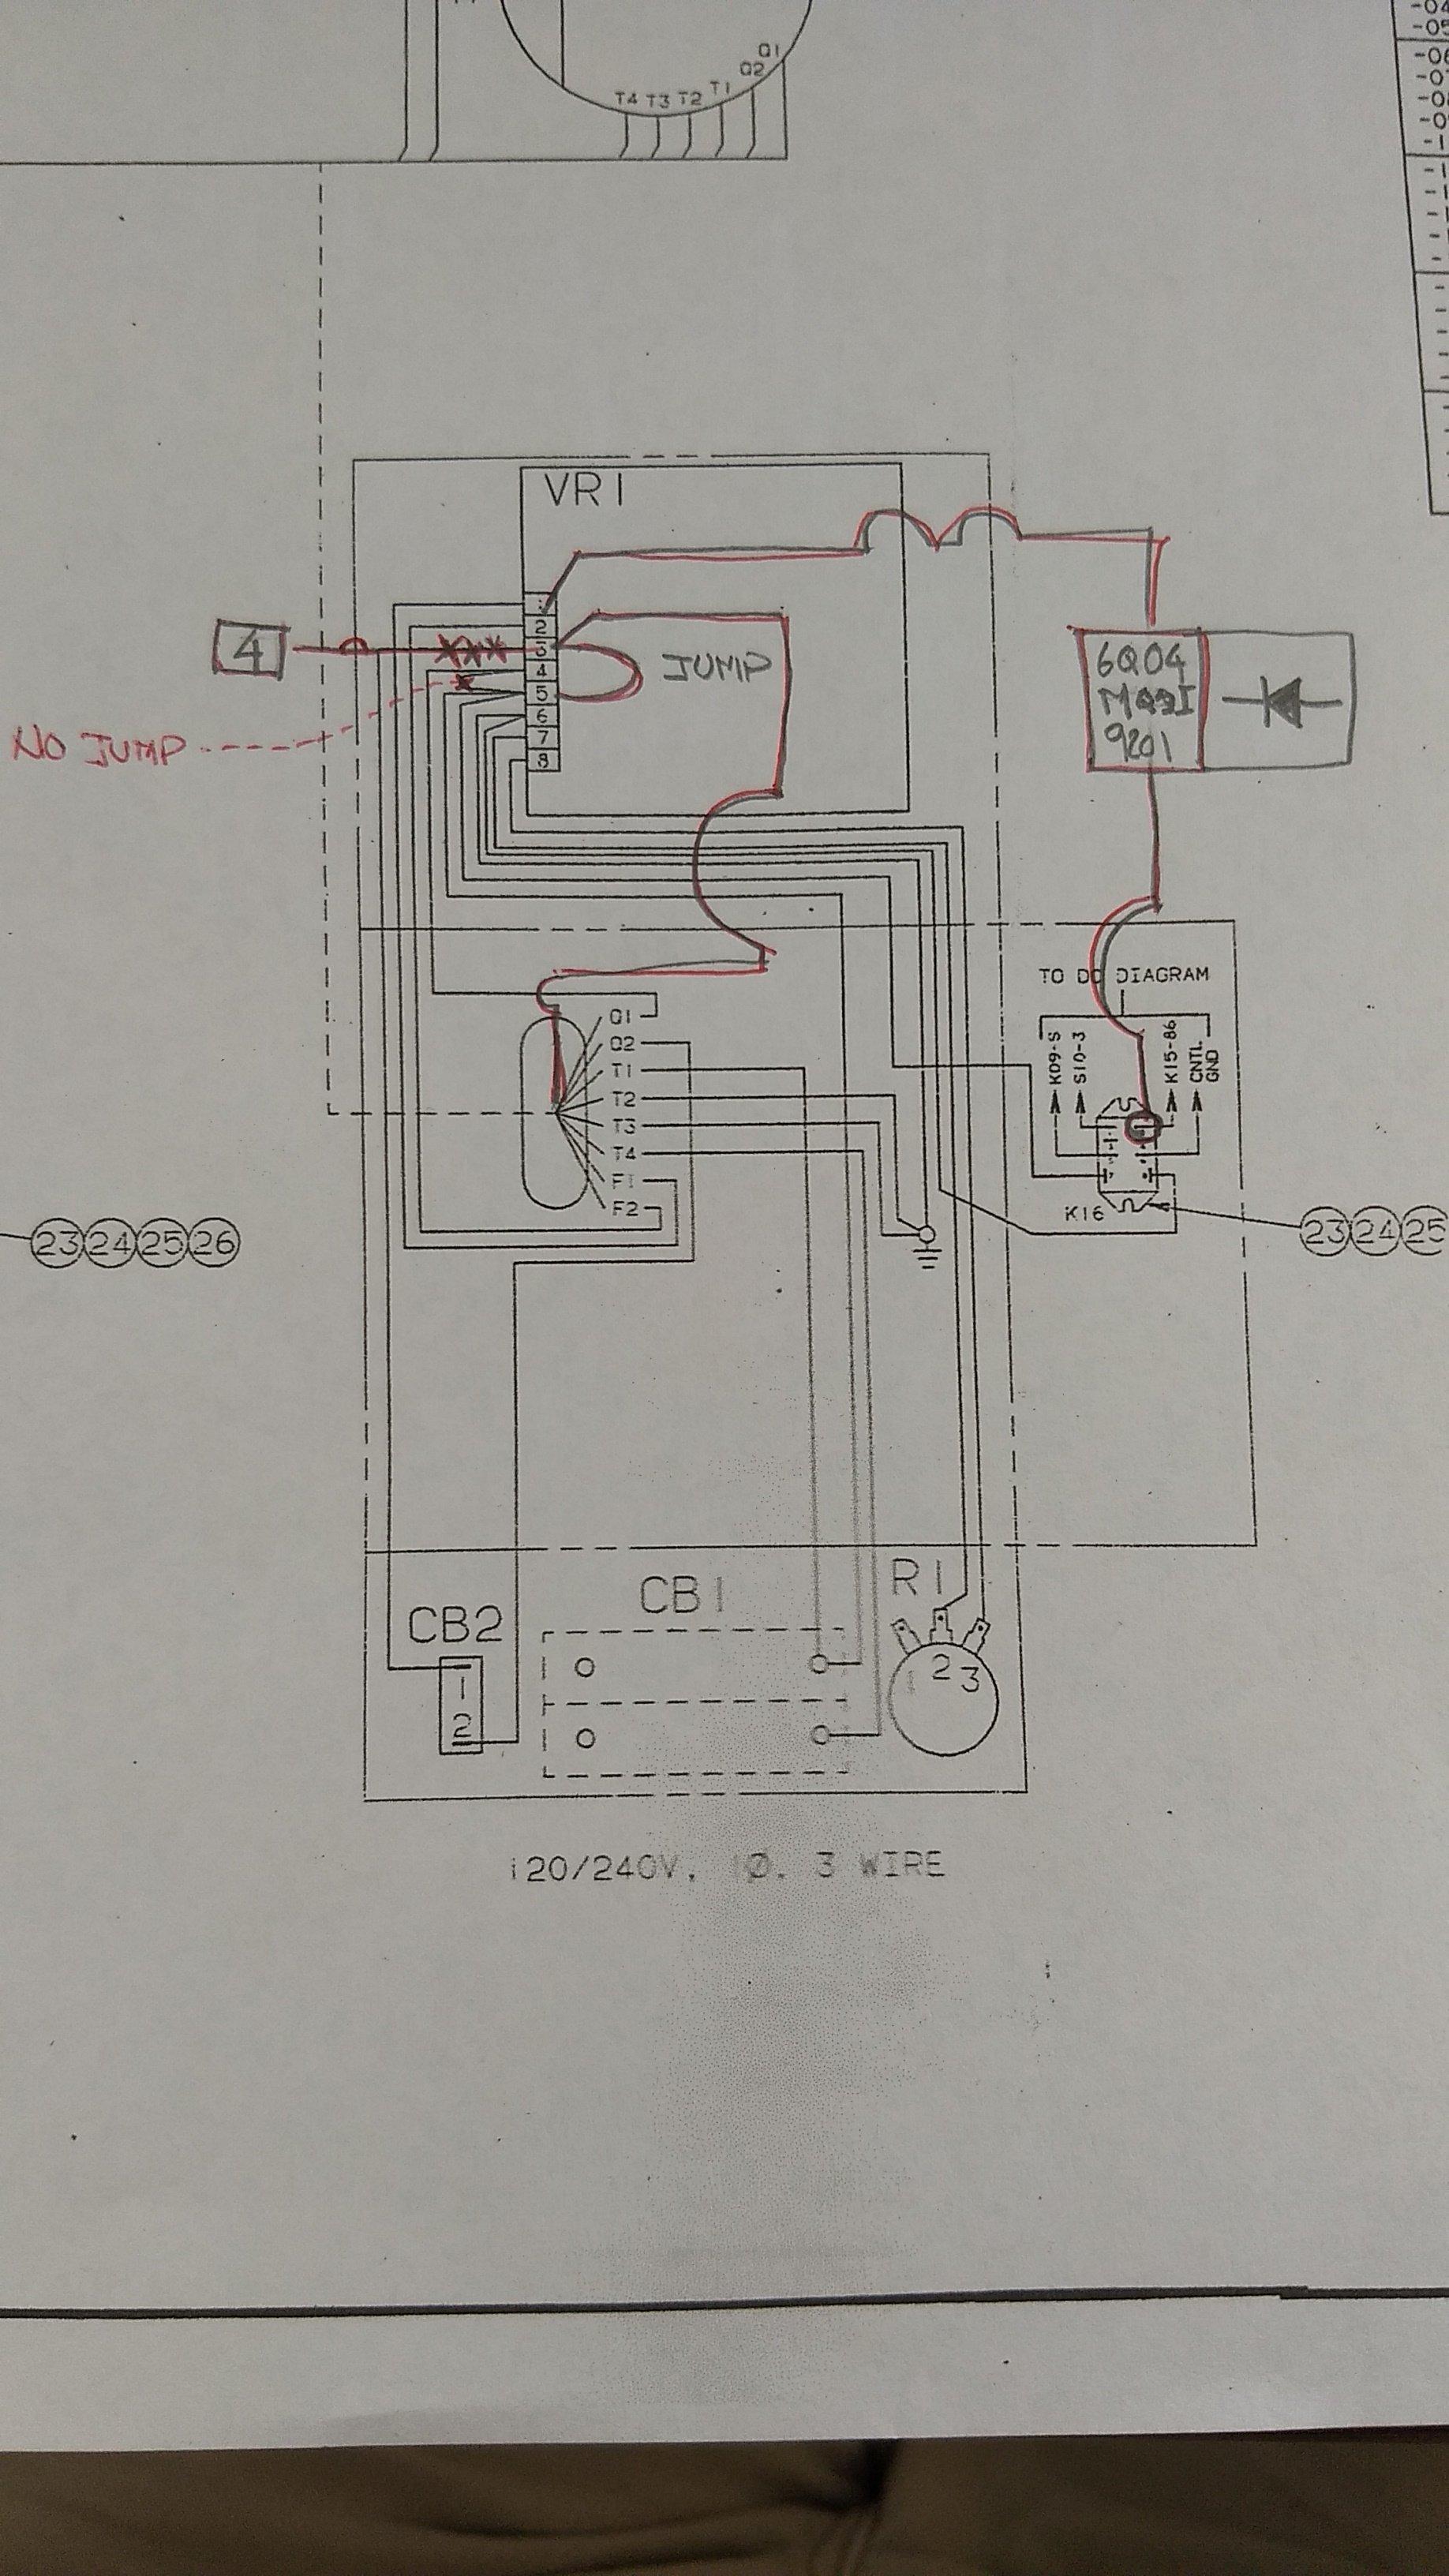 onan generator wiring 400 f onan 4000 generator remote start onan 7500 diesel generator wiring diagram stop start switch onan generators wiring diagrams #10